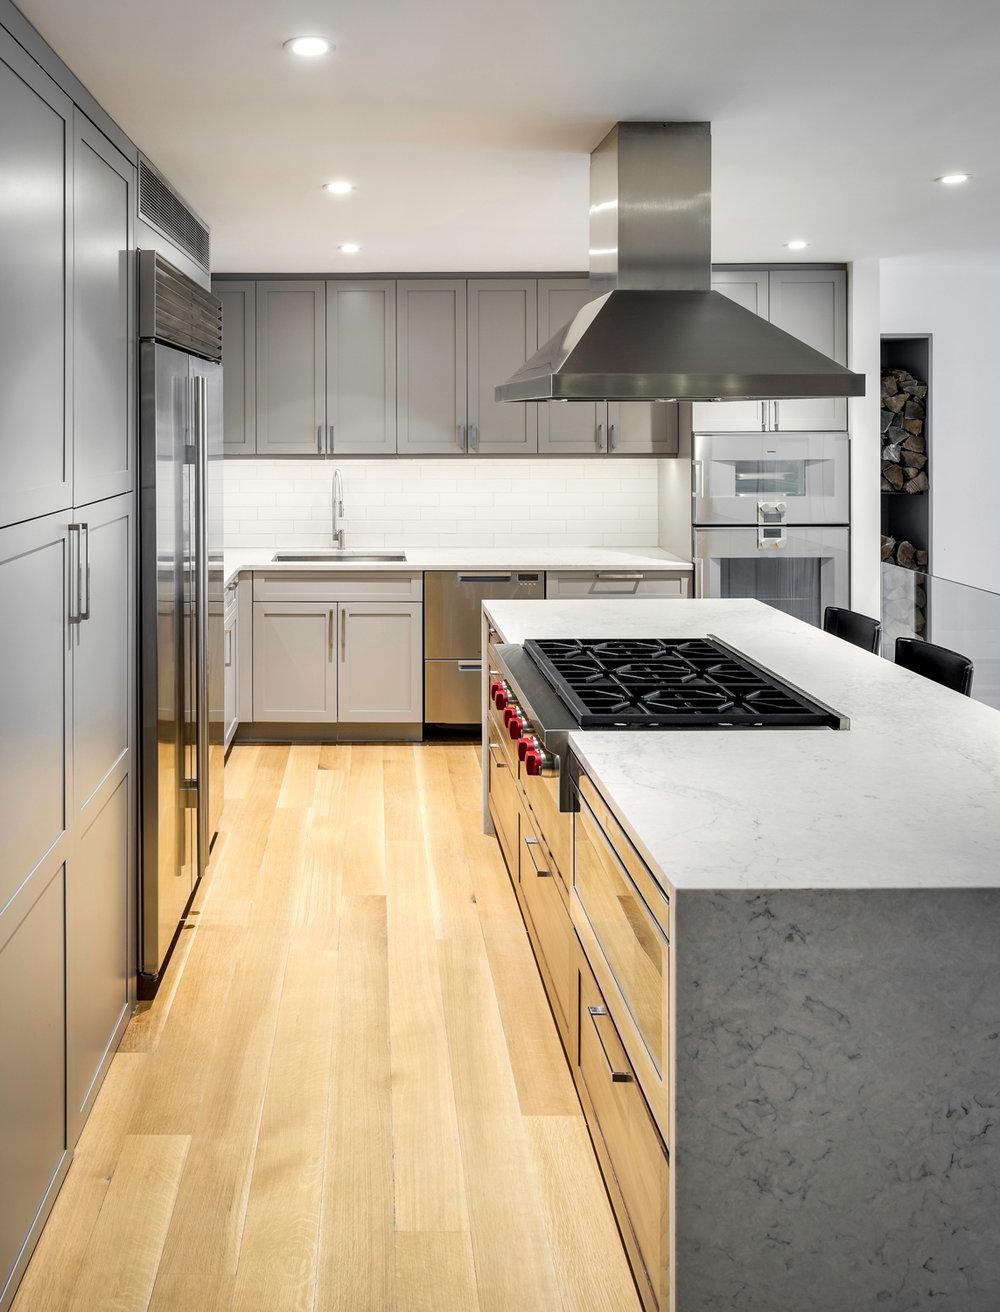 Gramercy Park Kitchen